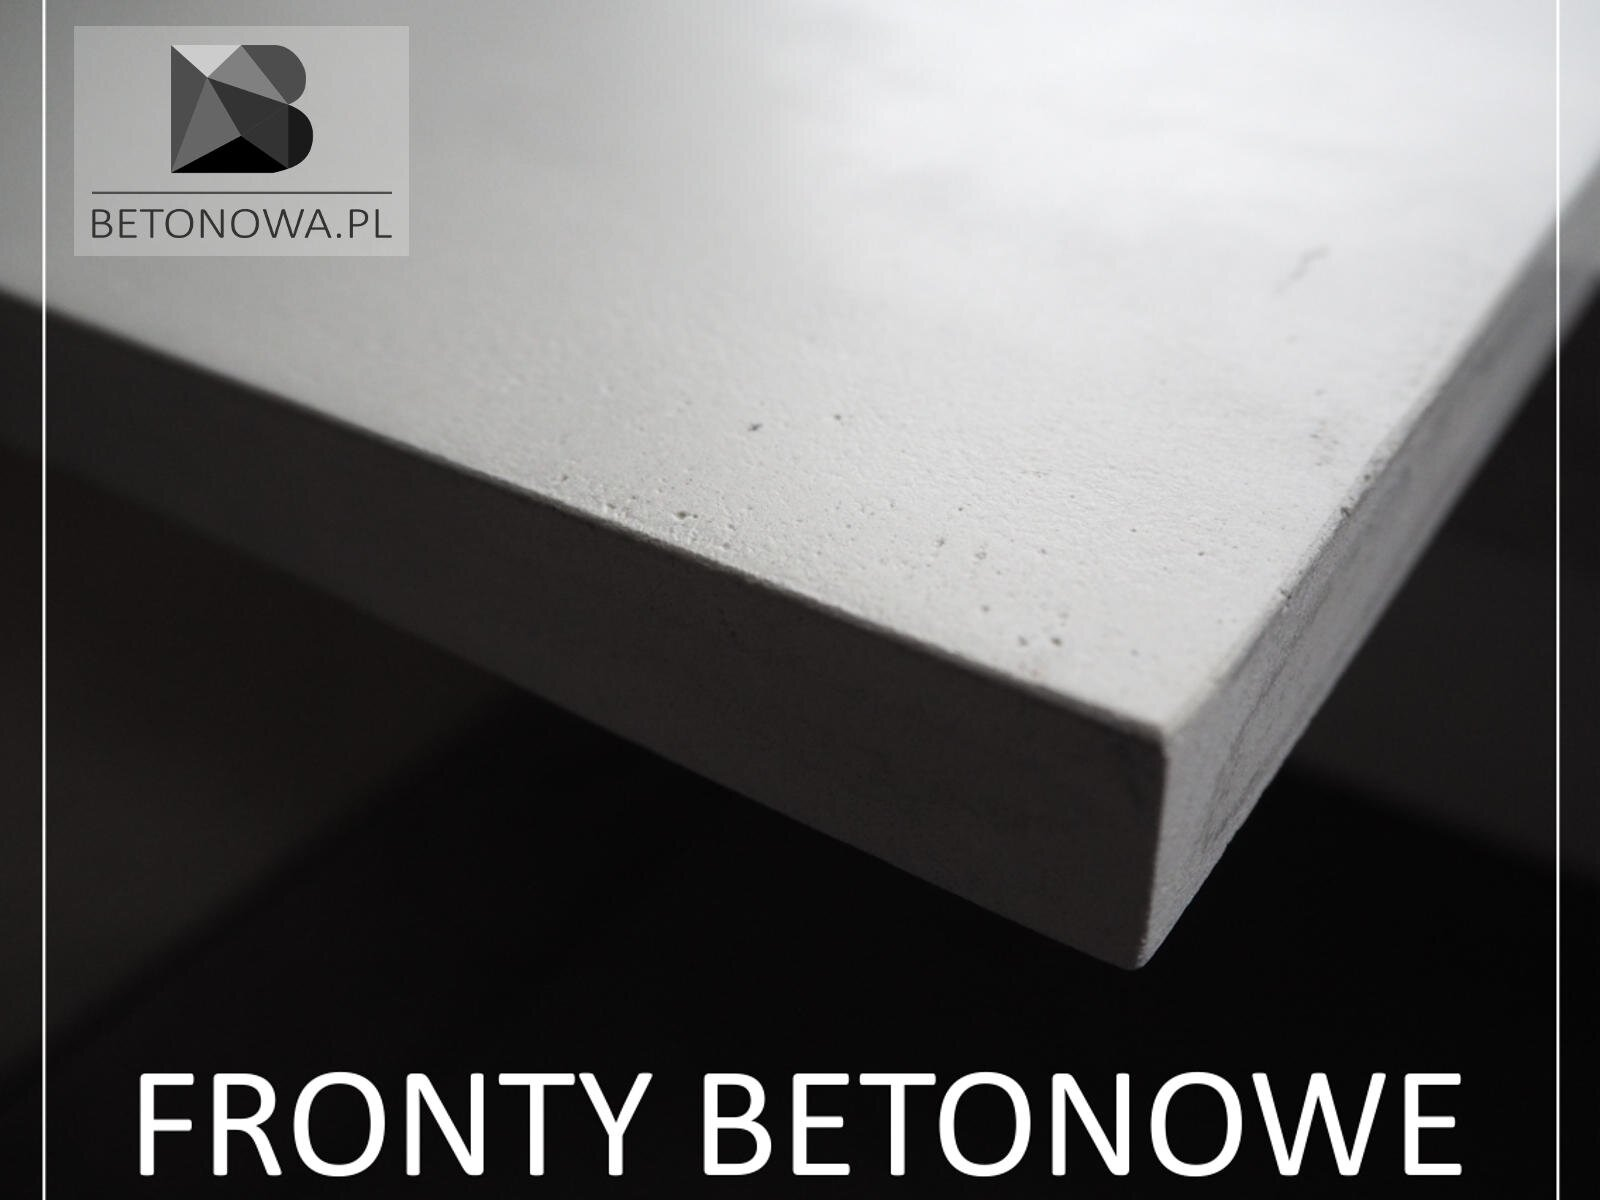 Fronty Betonowe03